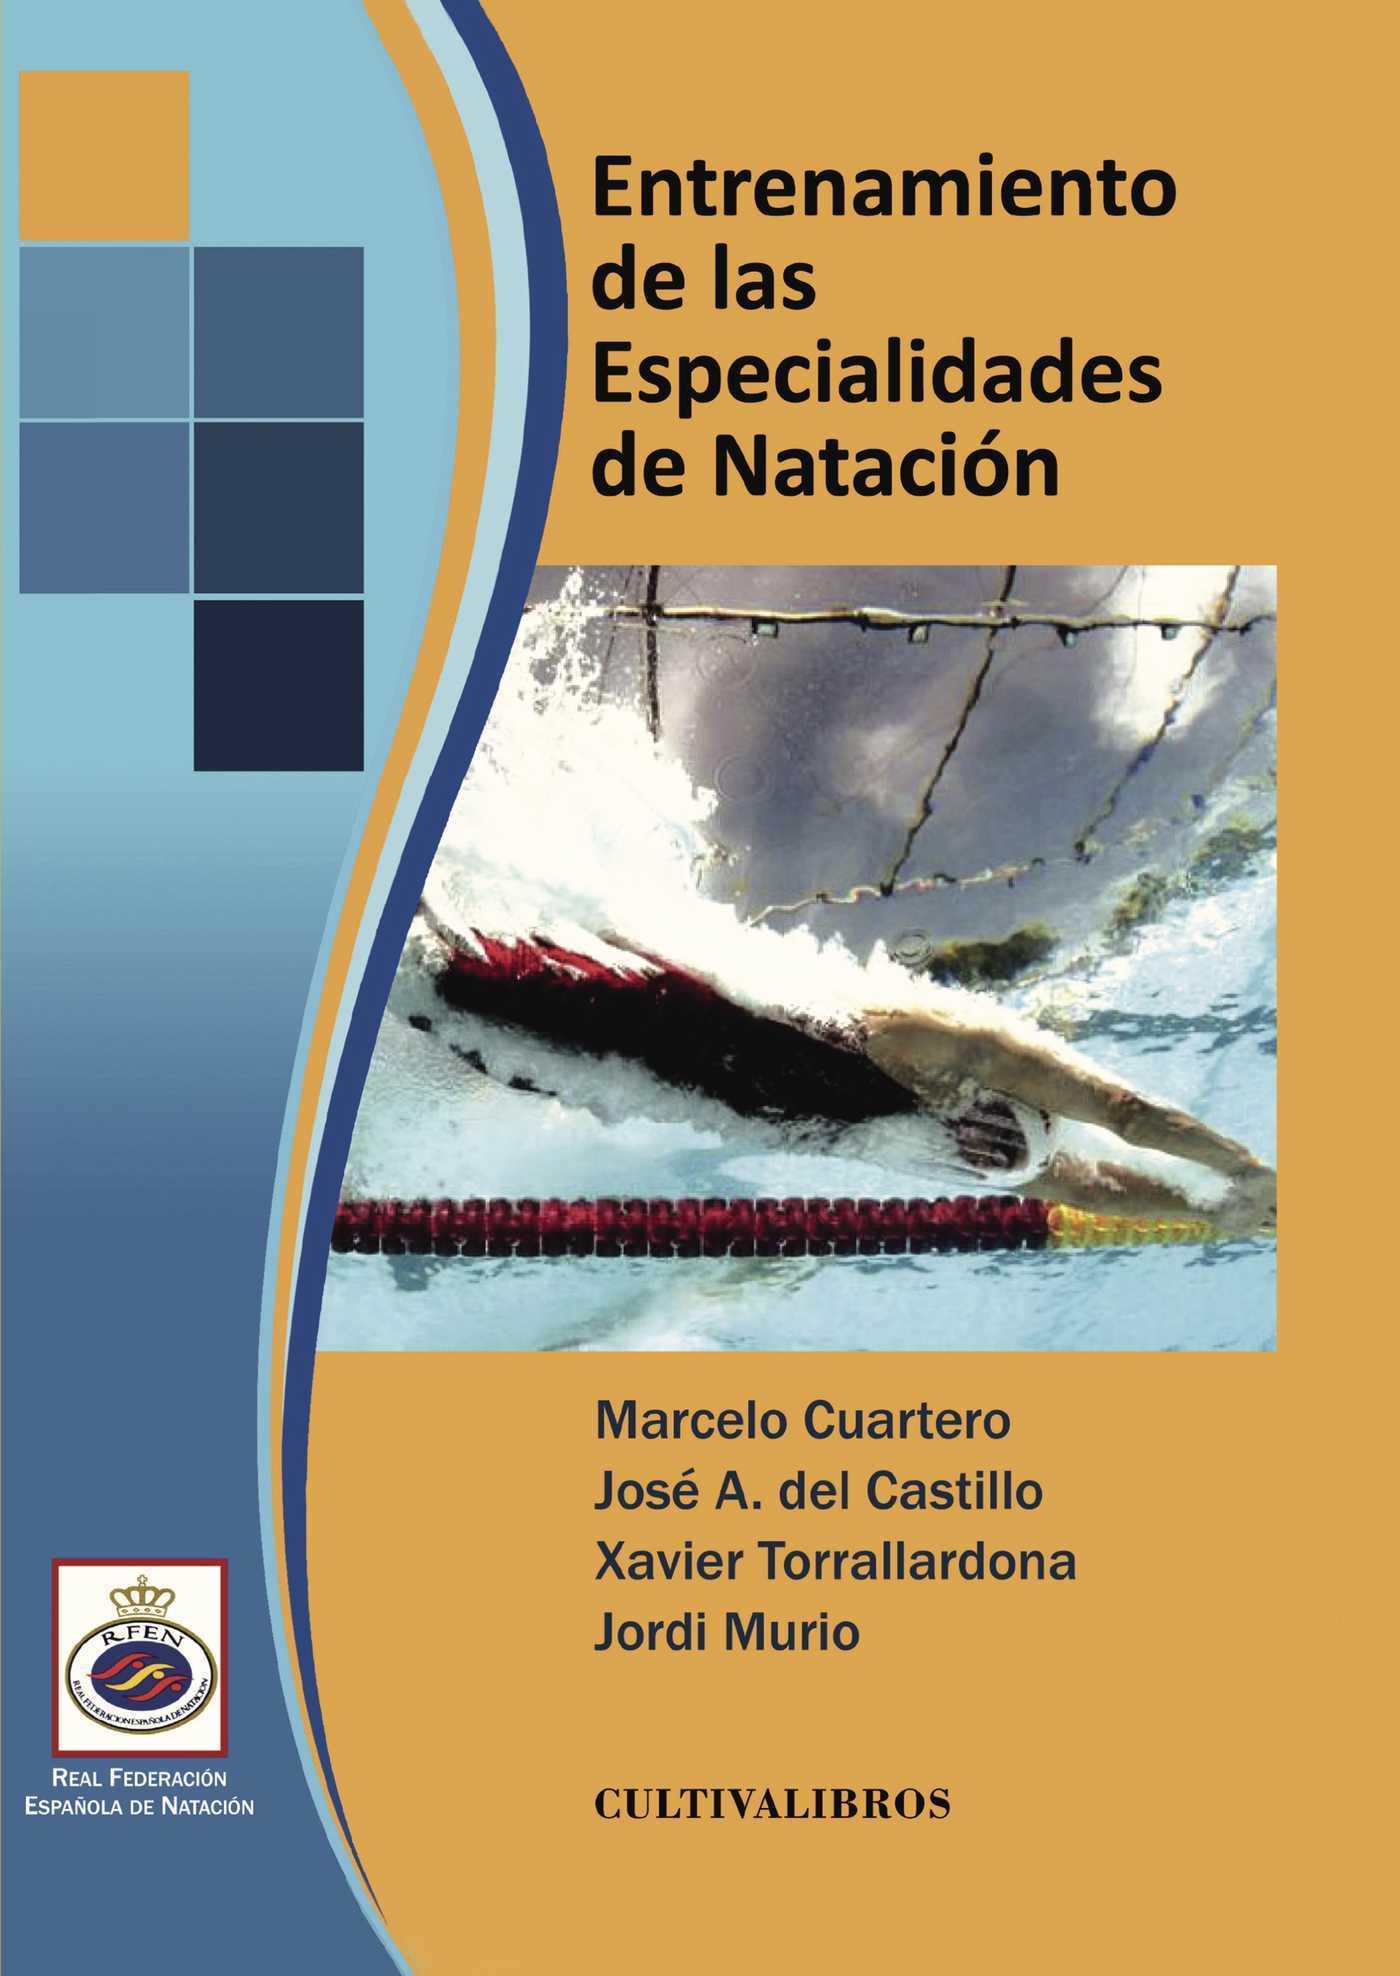 ENTRENAMIENTO DE LAS ESPECIALIDADES DE NATACIÓN